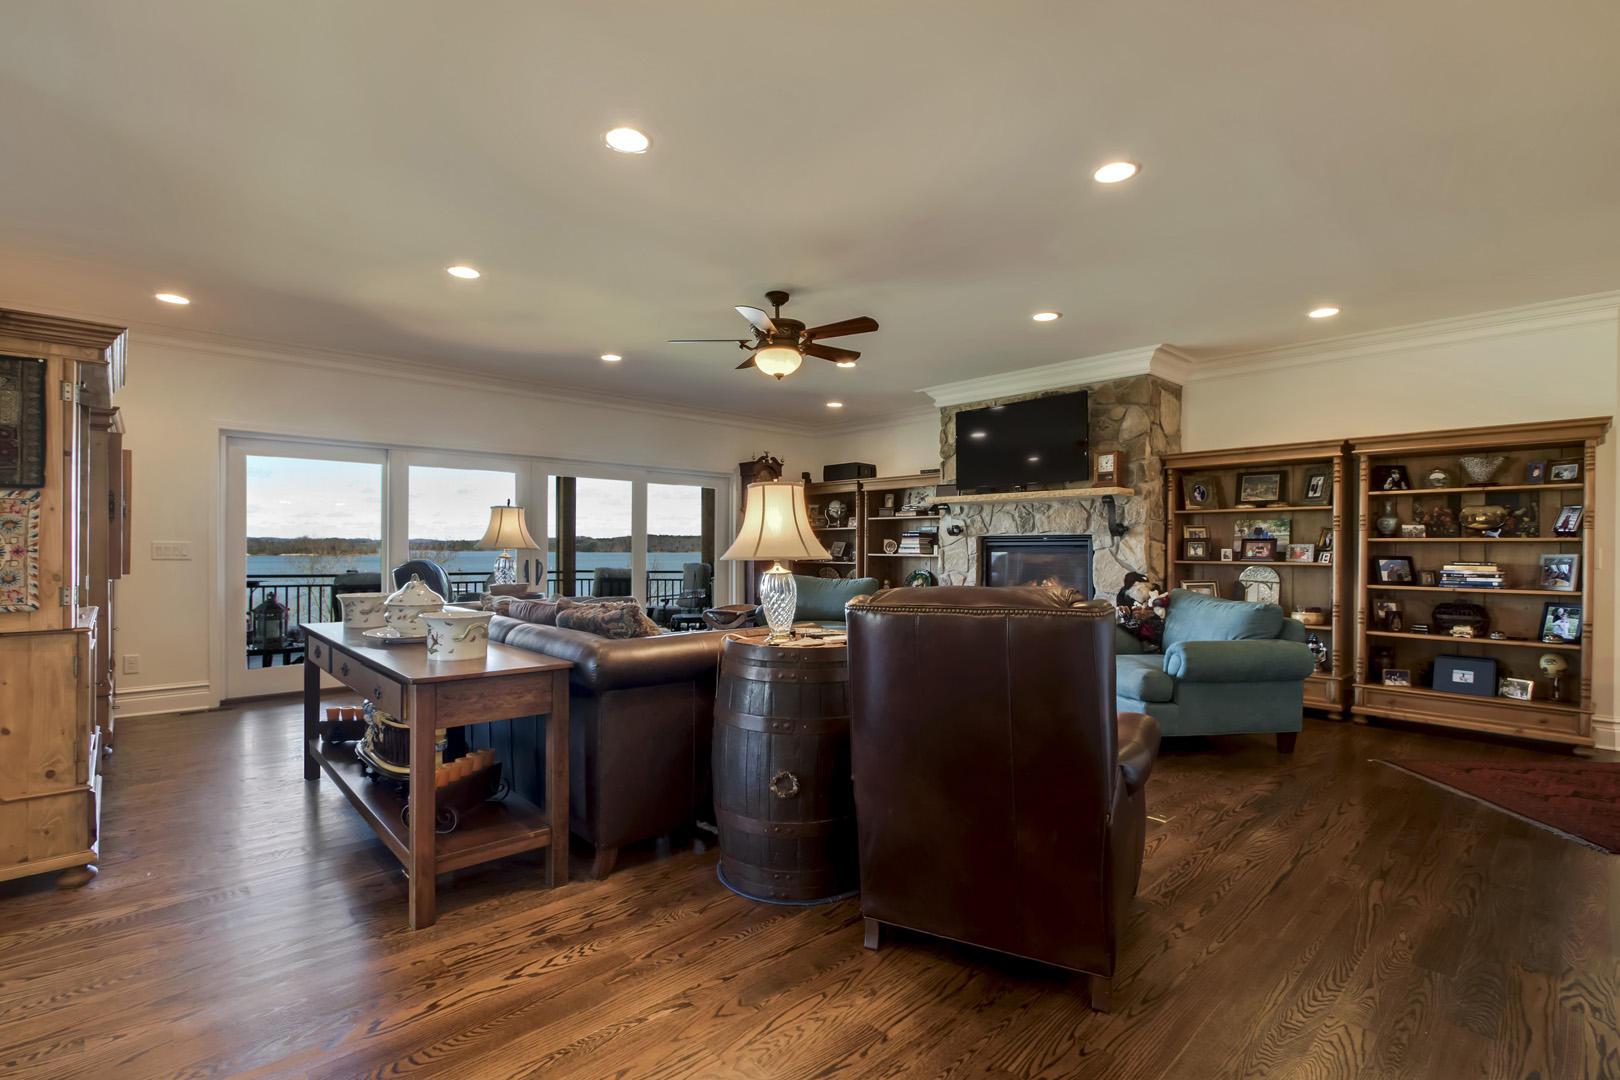 556 Cypress Pointe Drive Drive: